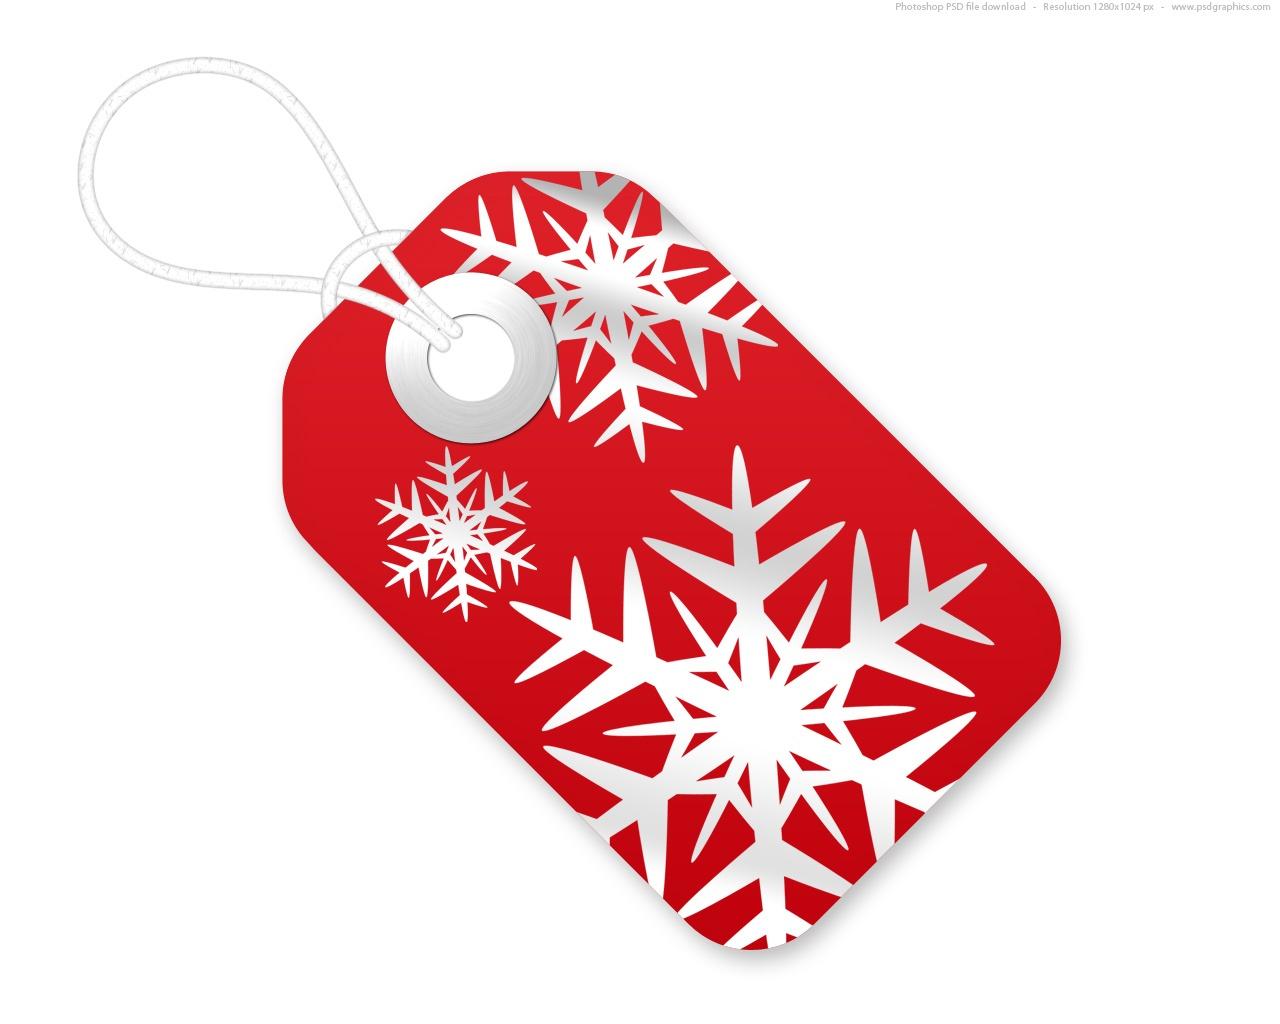 11 Christmas Tag Template Psd Images - Christmas Card Templates - Free Printable Christmas Price Tags